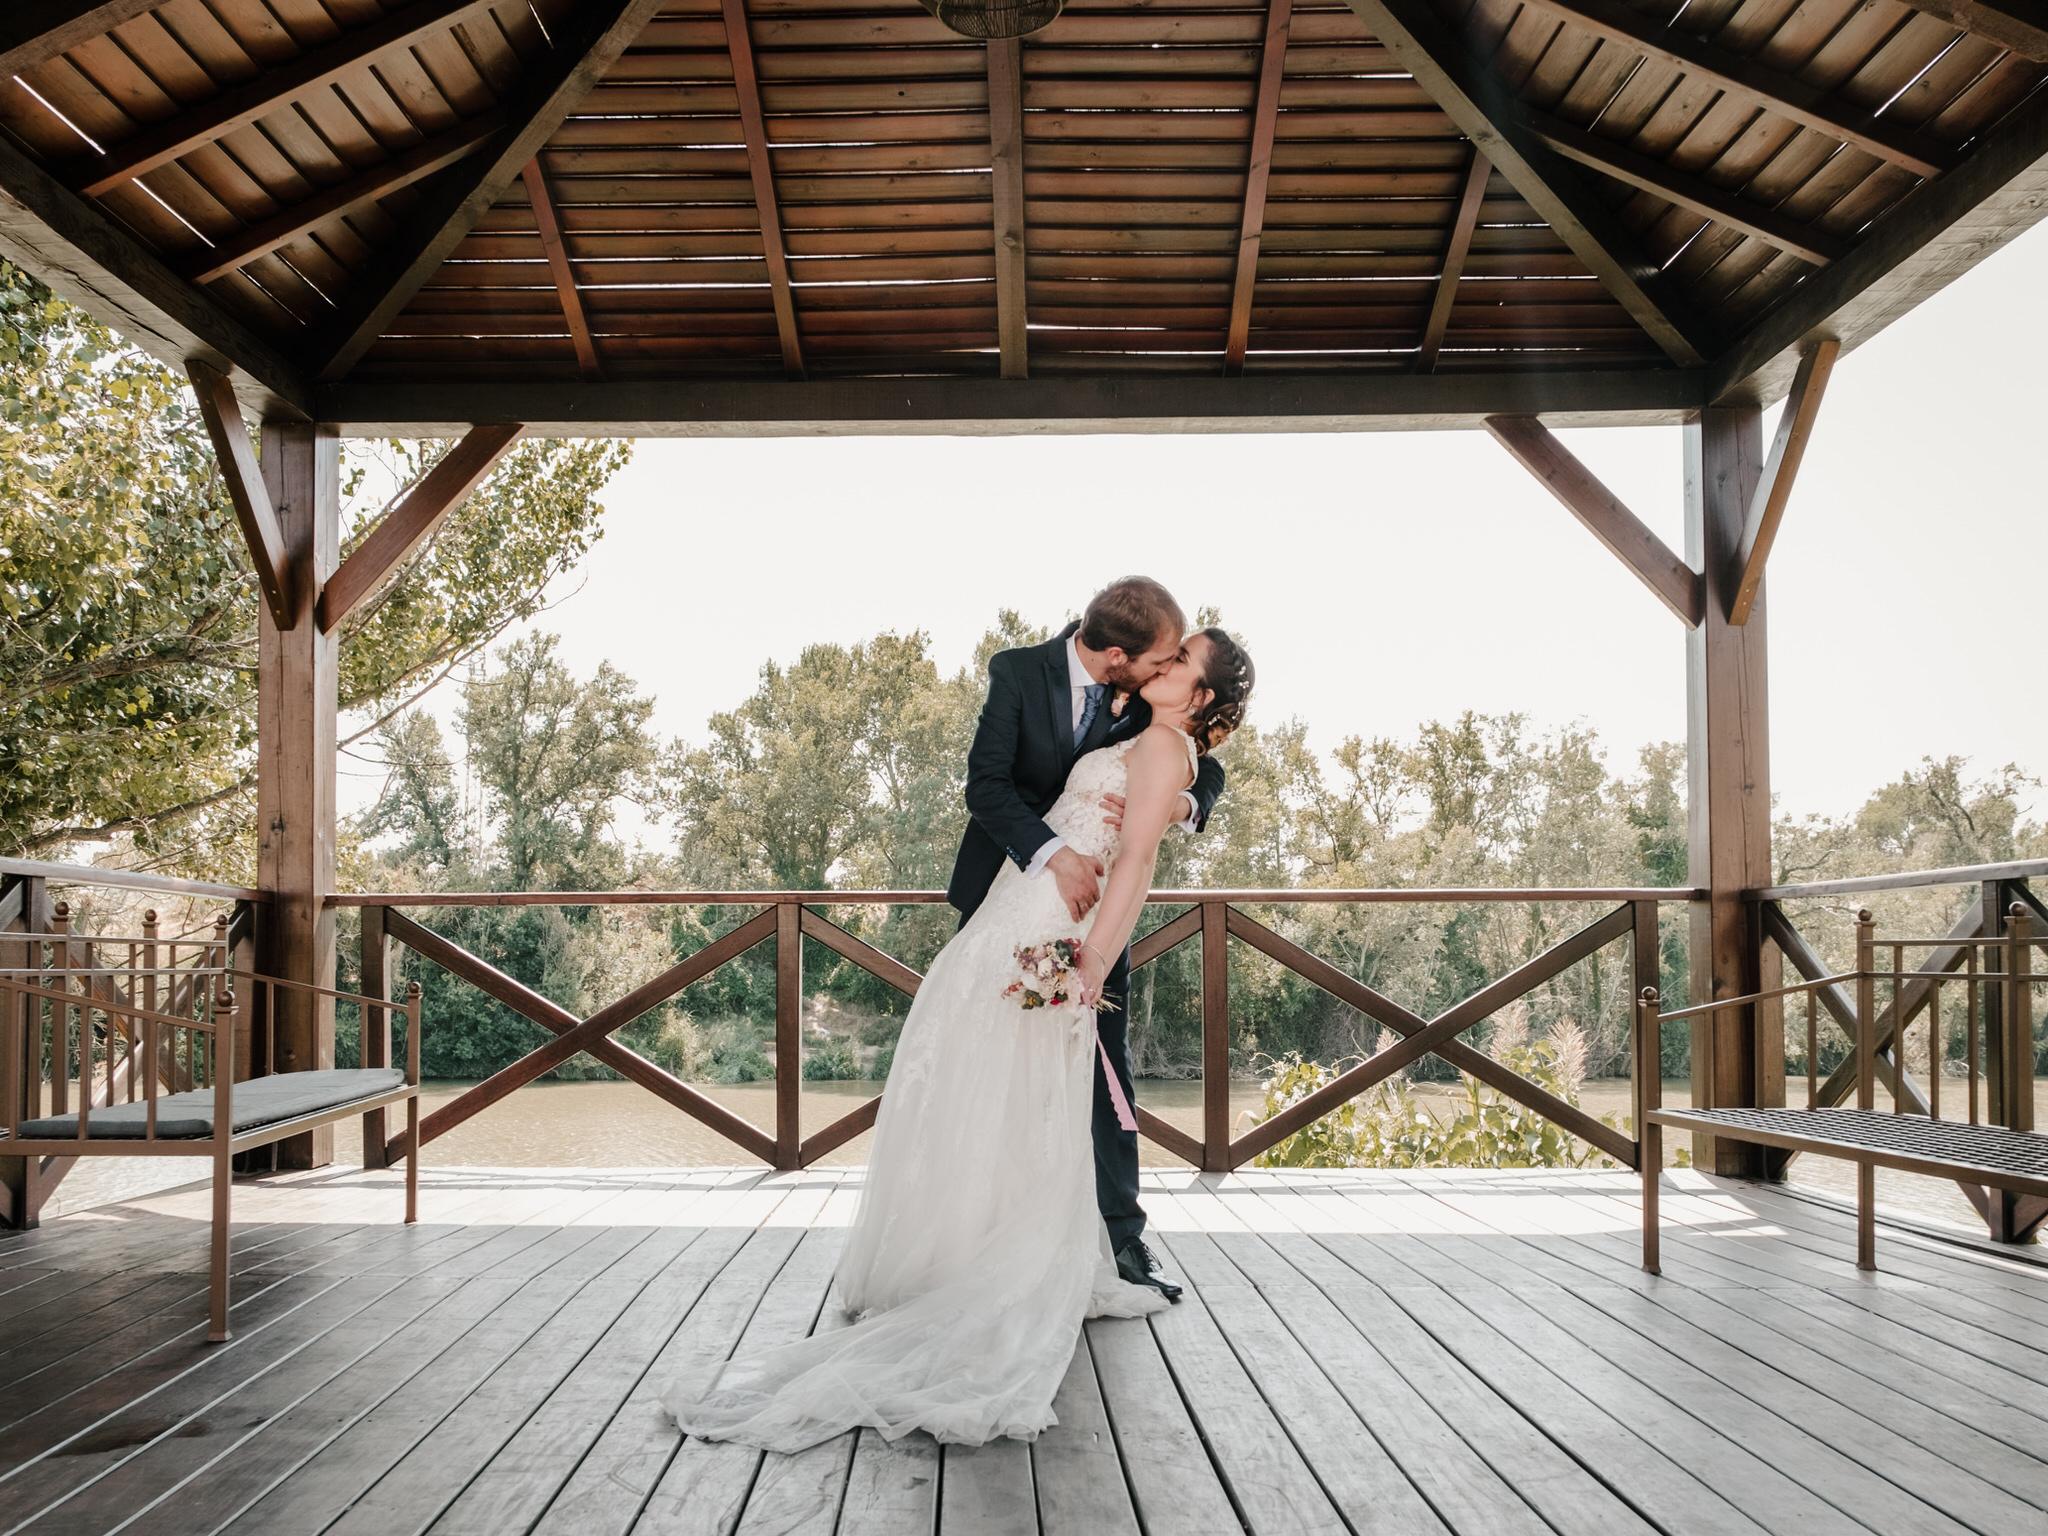 boda-en-hotel-ac-palacio-santa-ana-valladolid